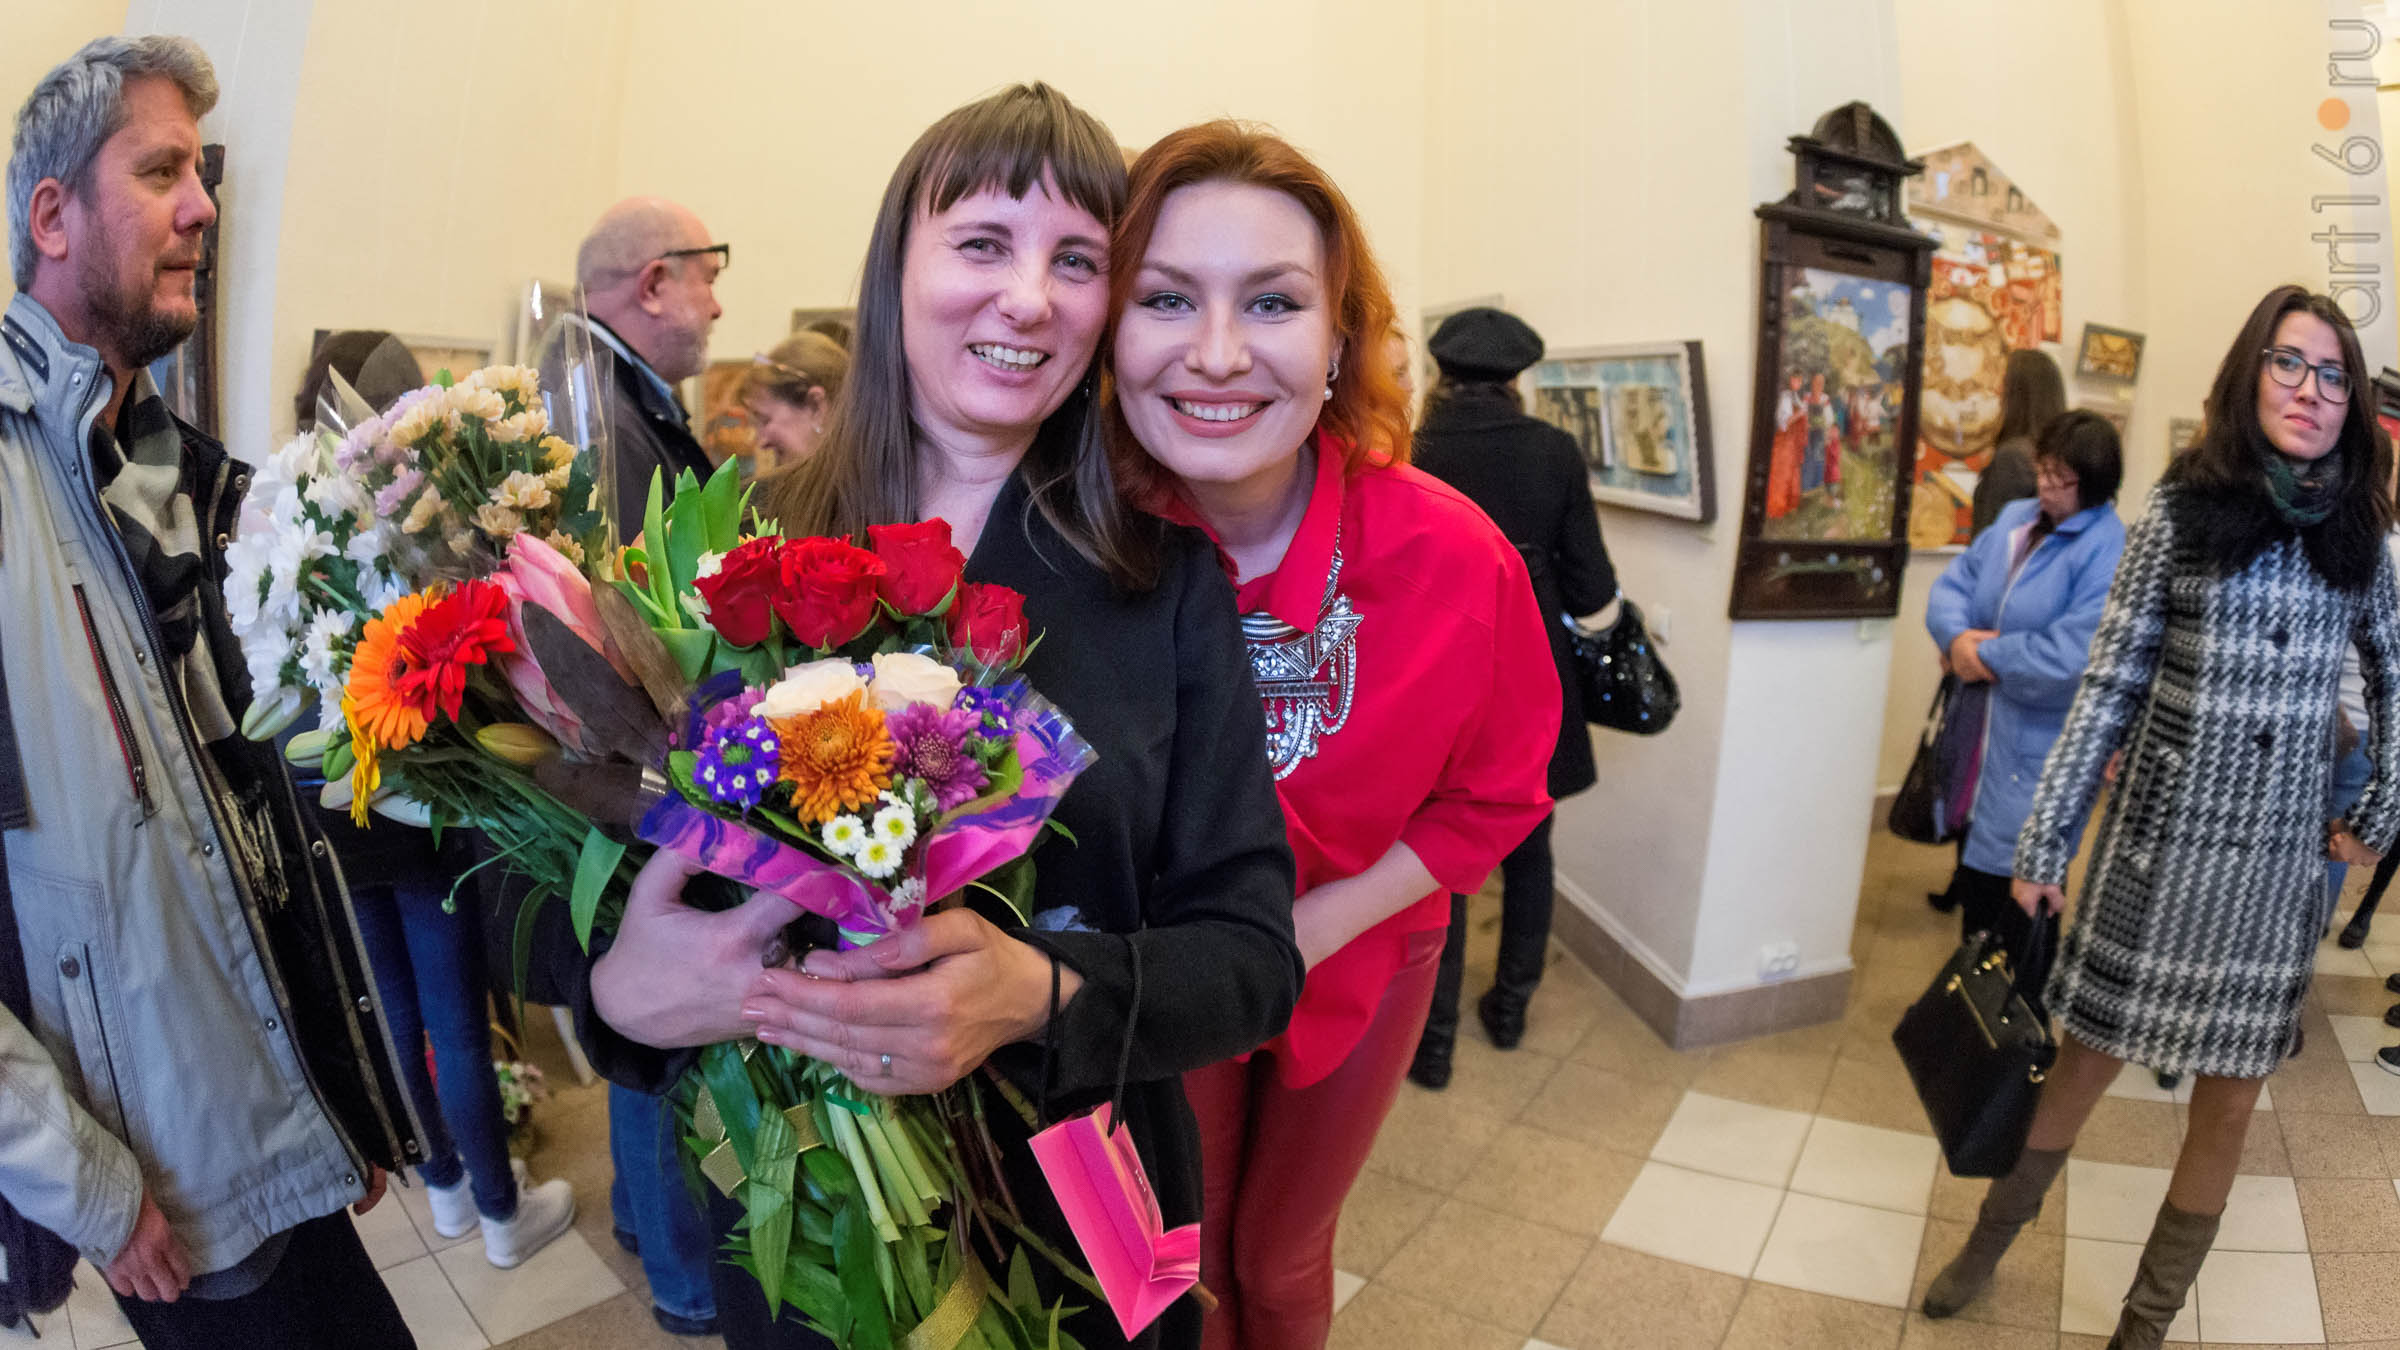 Елена Титова, Анастасия Бузунеева. Открытие выставки ʺОнаʺ::Елена Титова. Живопись. Выставка ''Она''